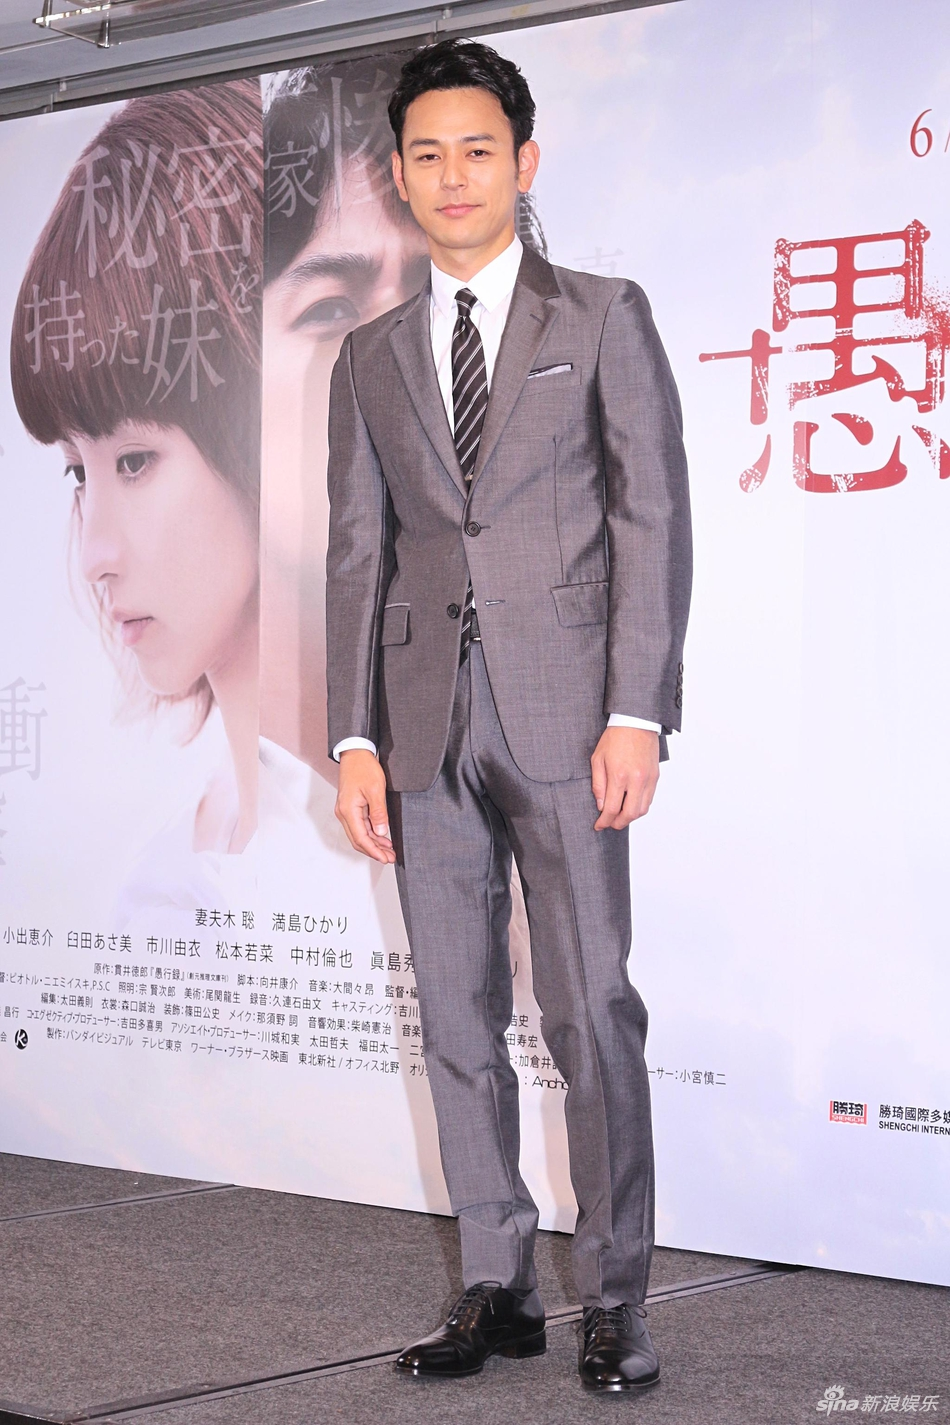 妻夫木聪到台湾宣传新电影 西装笔挺超帅气